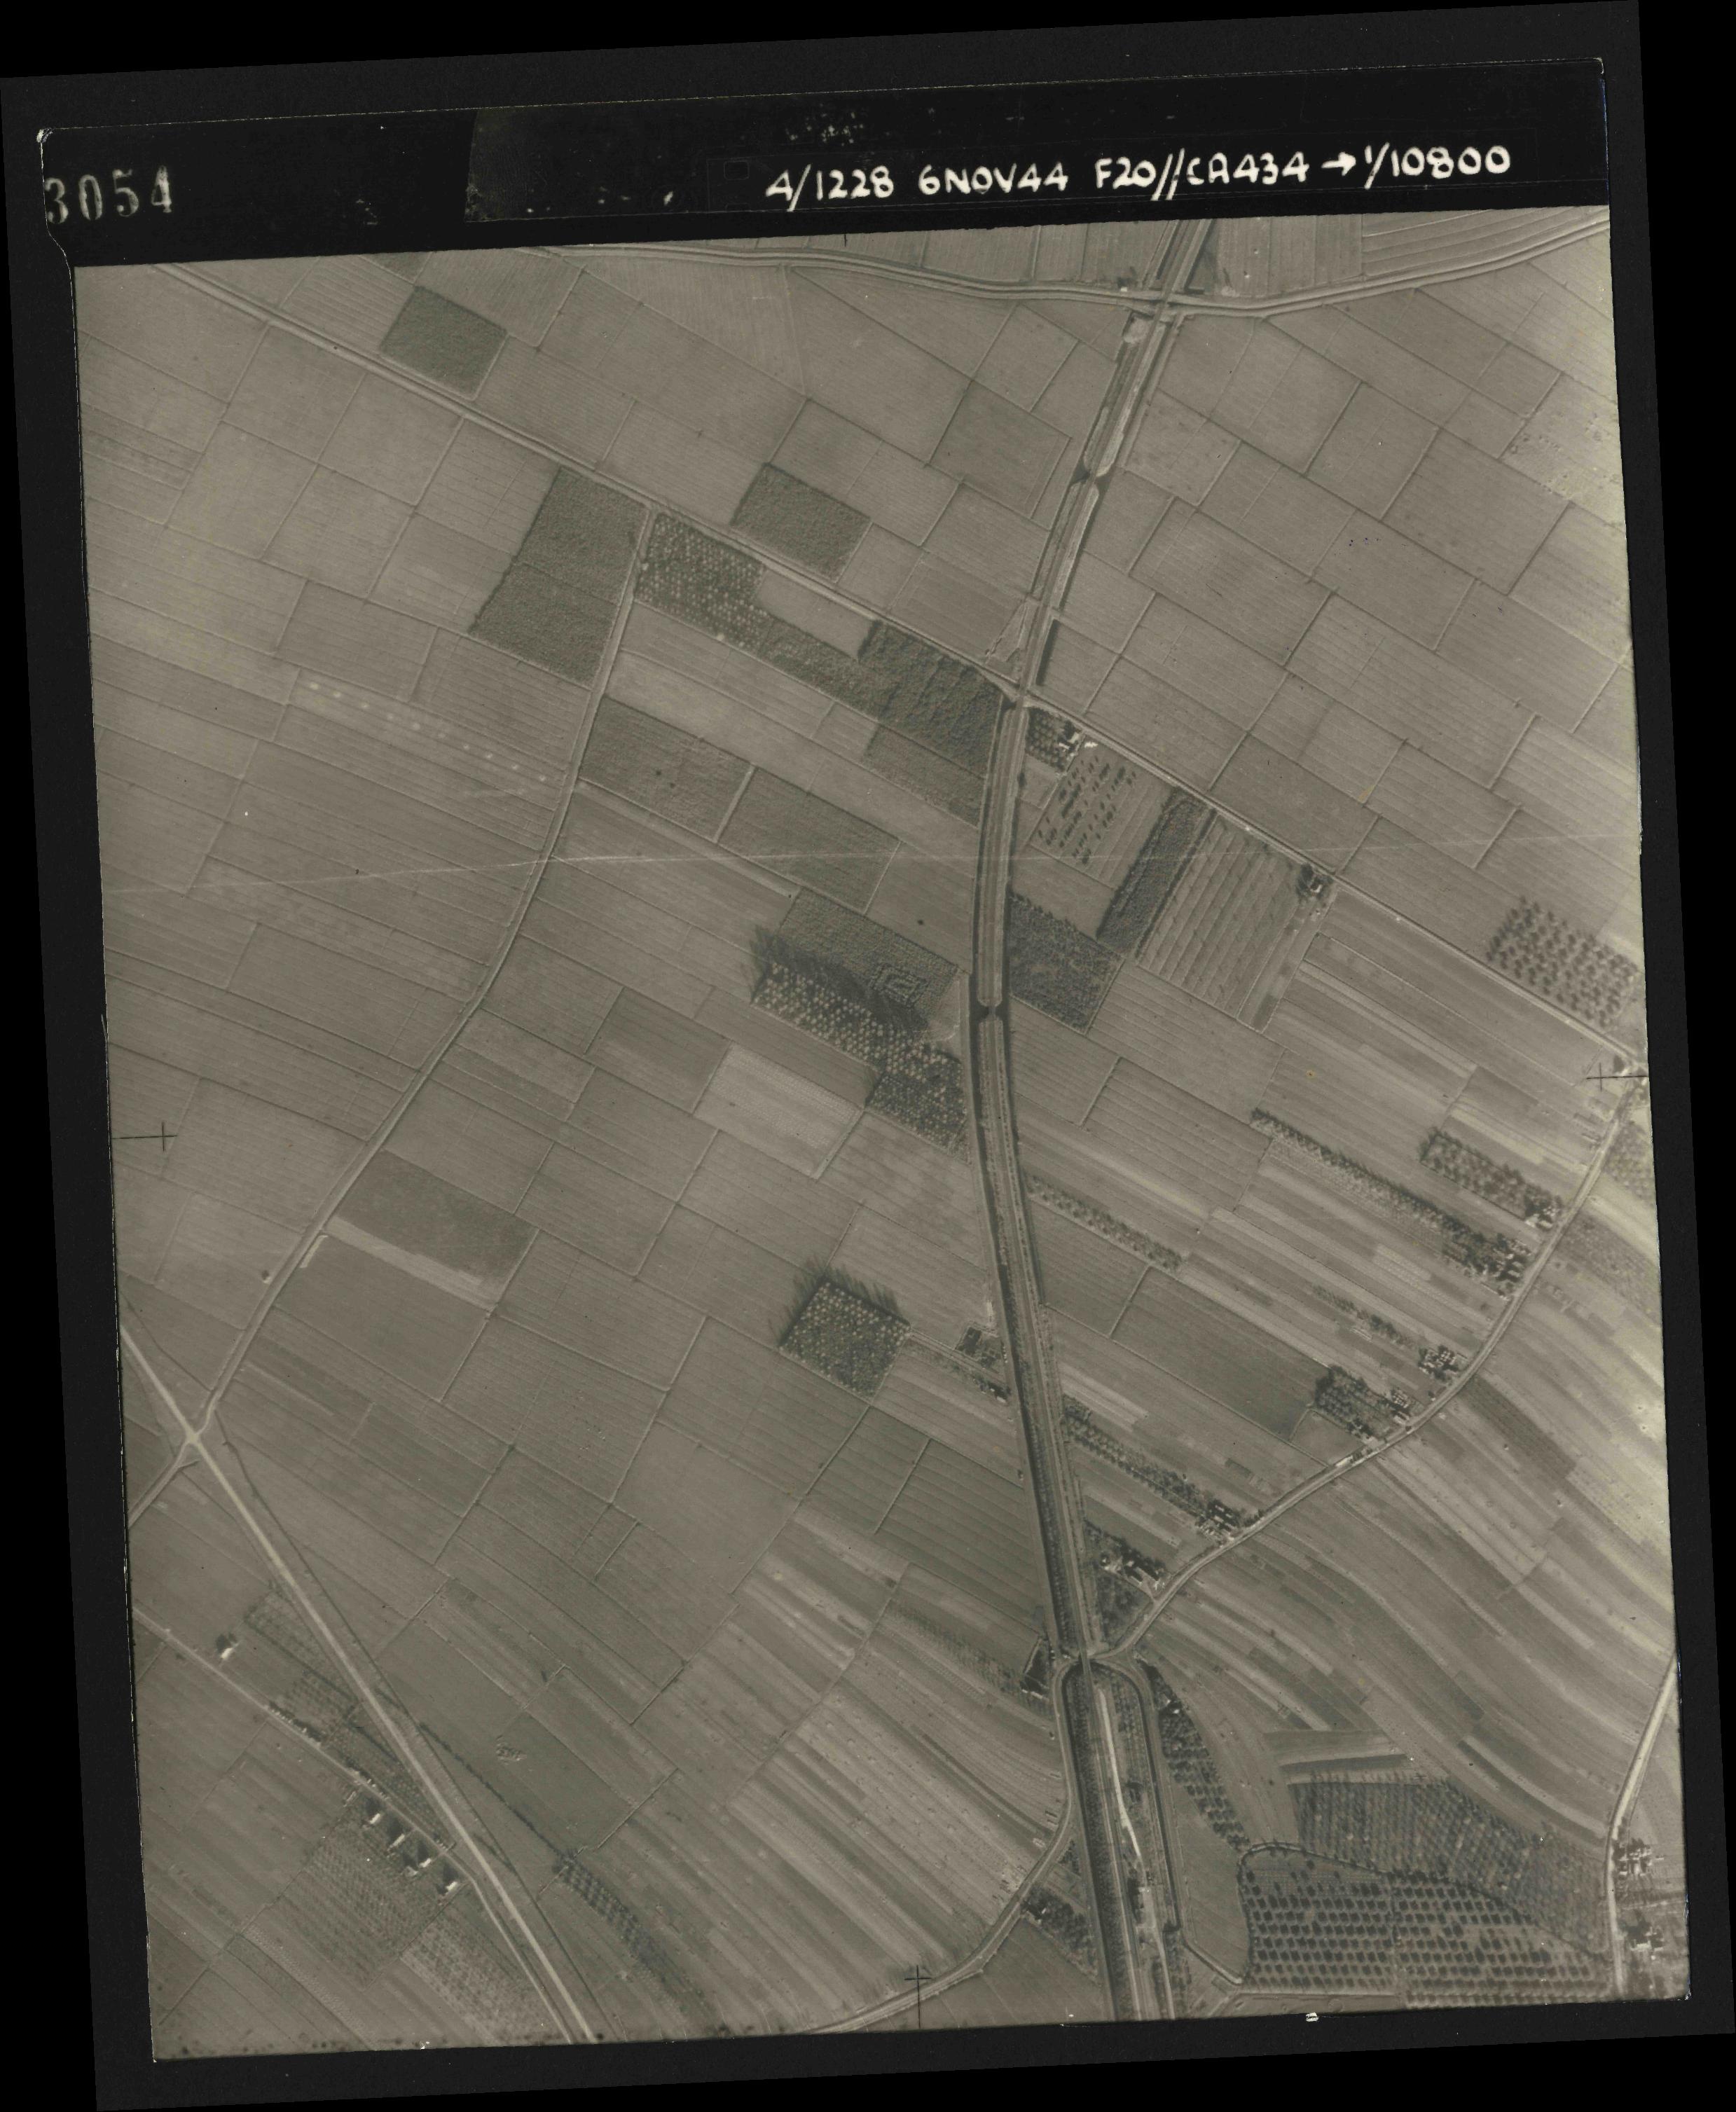 Collection RAF aerial photos 1940-1945 - flight 005, run 02, photo 3054